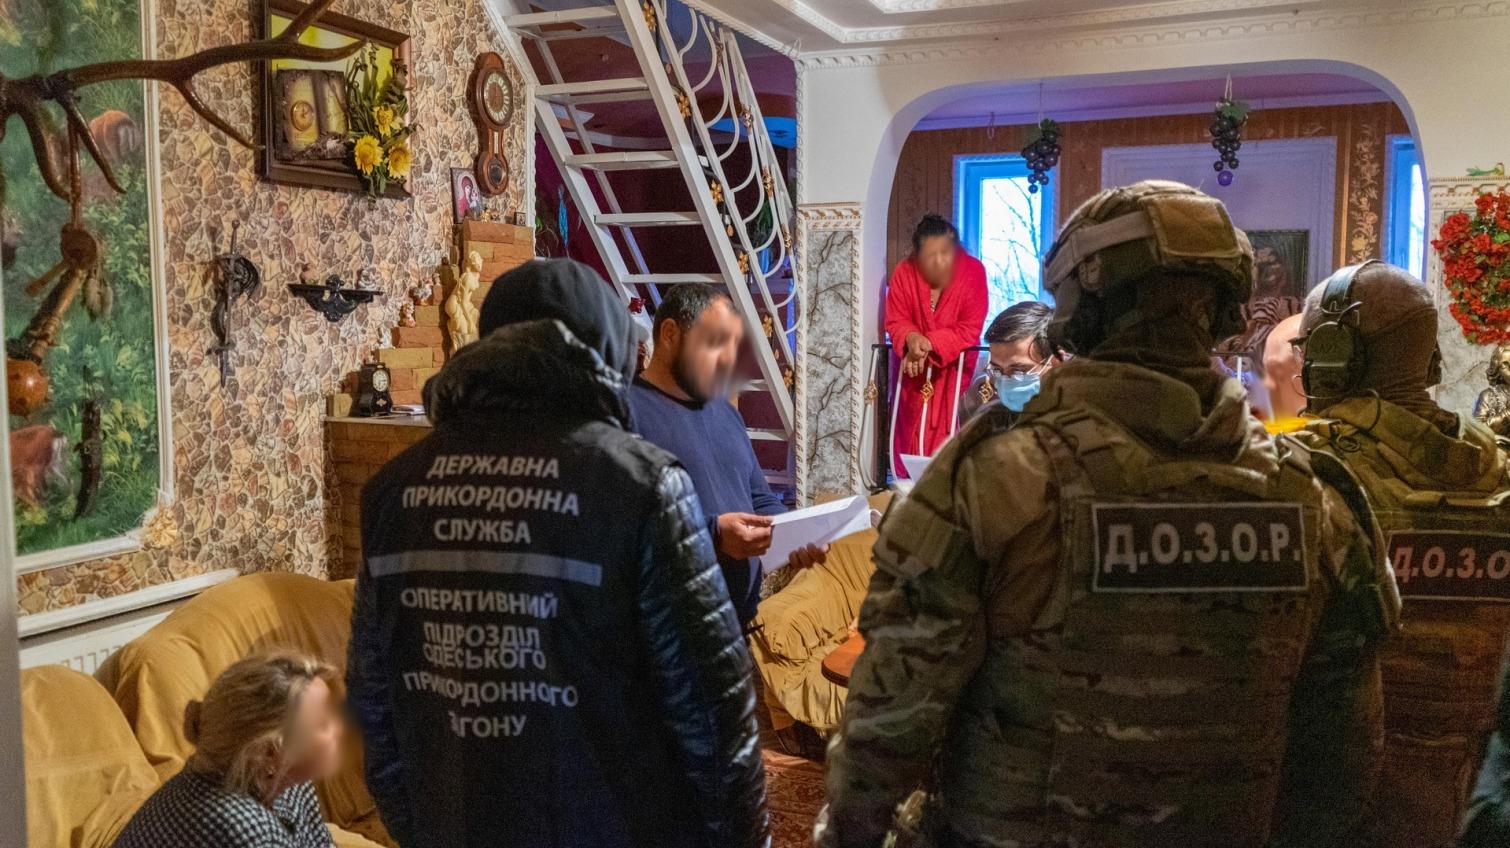 Сотни обманутых: в Одесской области задержали вербовщиков людей (фото) «фото»